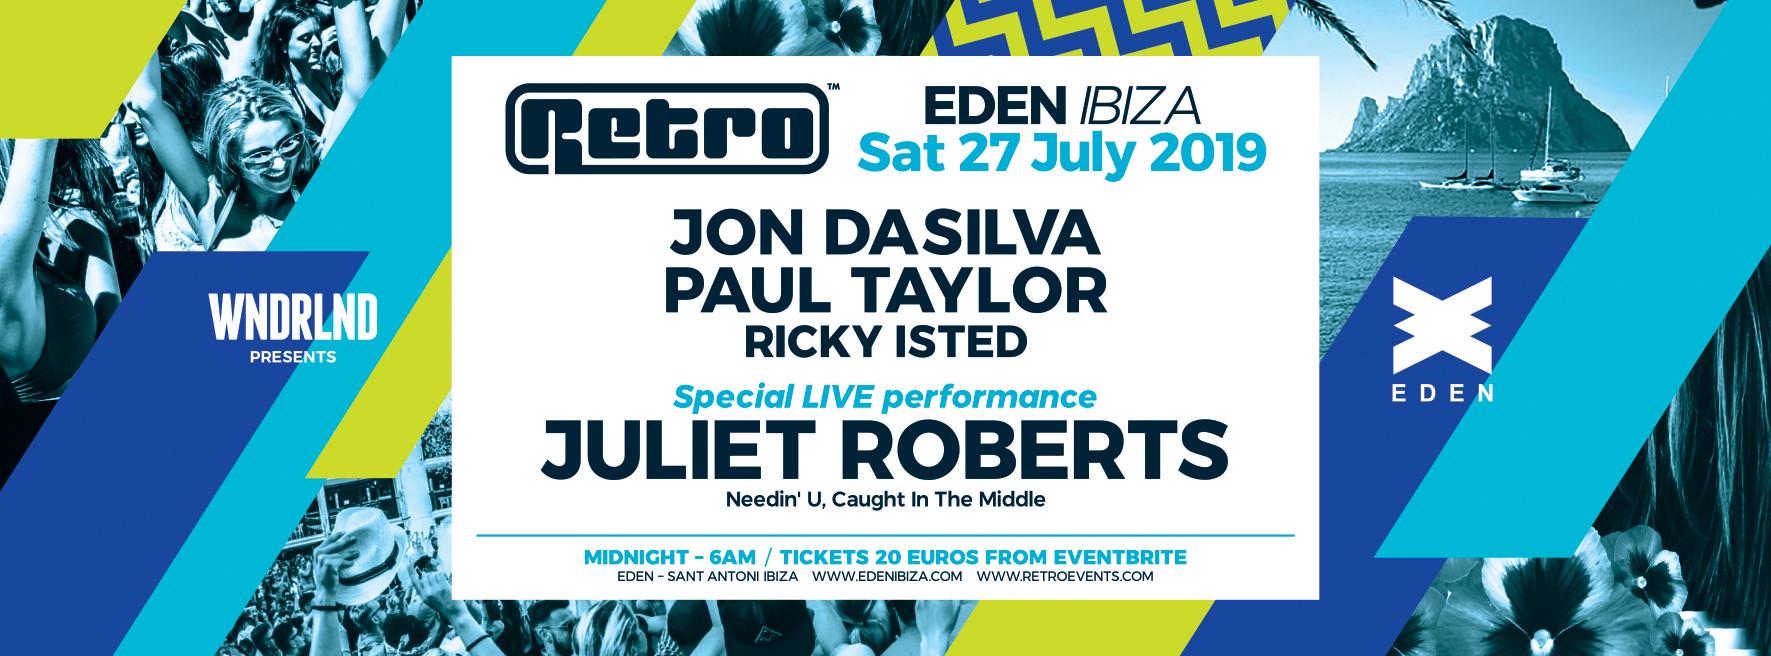 WNDRLND presents Retro at Eden, Ibiza part 2